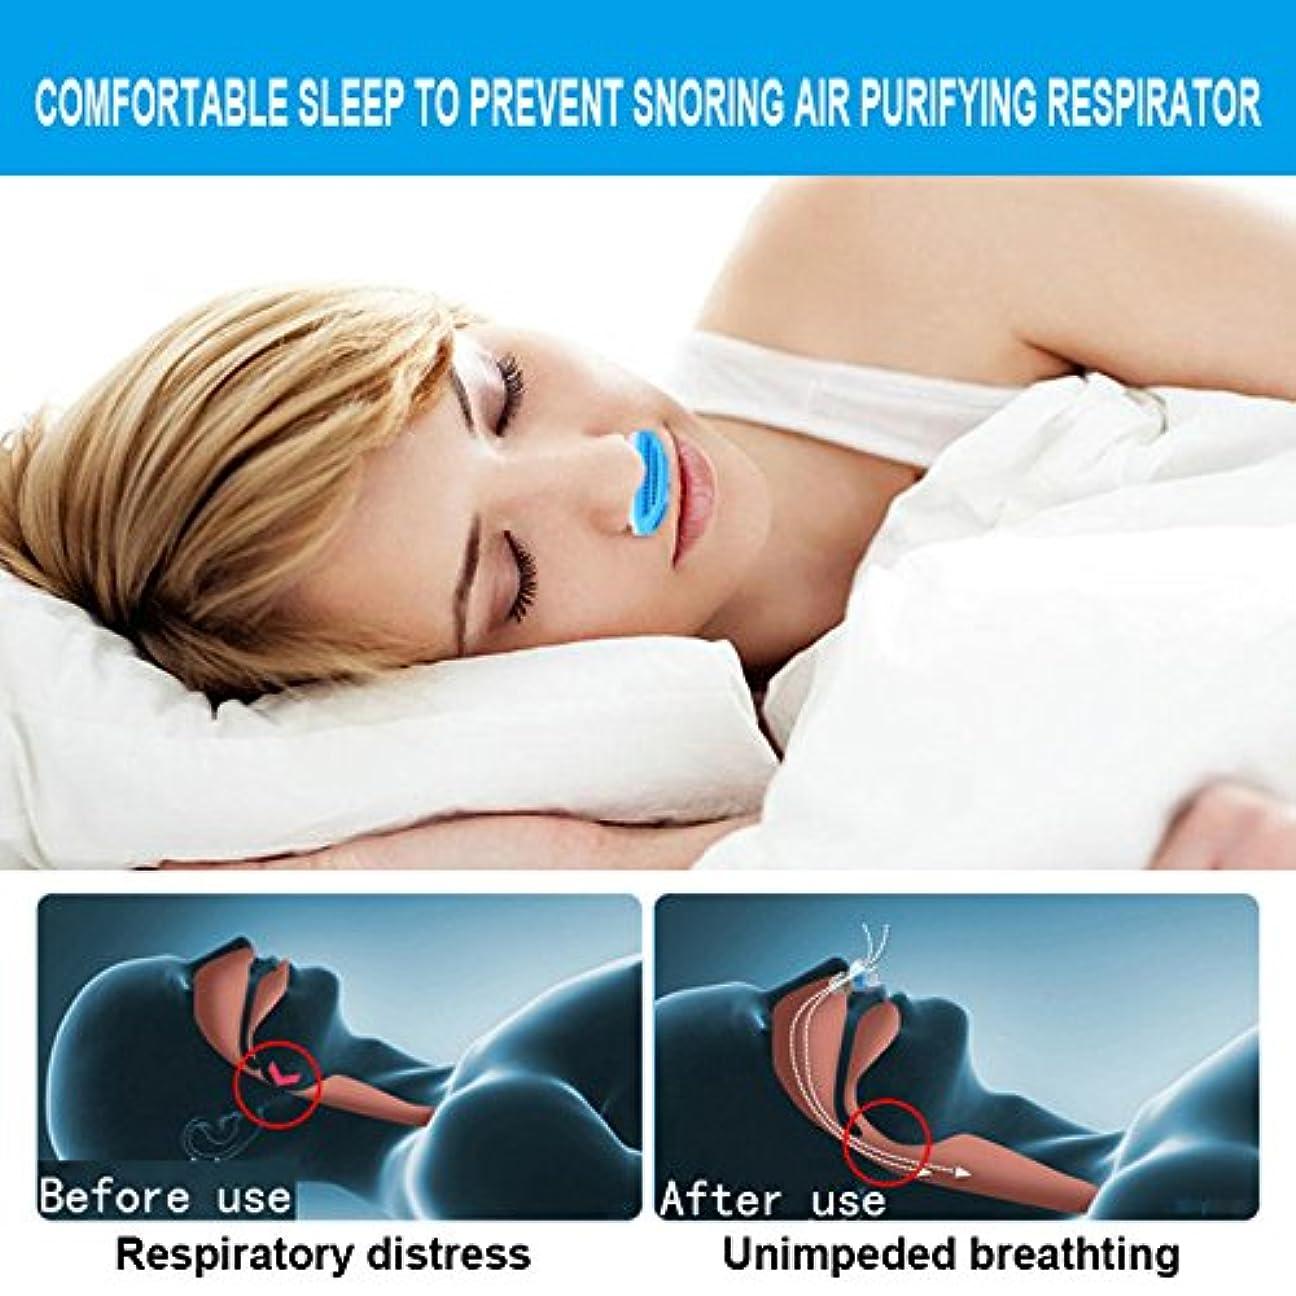 ドラフト試用ストラップNOTE ドロップシッピング空気緩和いびき鼻いびき停止呼吸装置ガード睡眠装置アンチいびきシリコーン生成